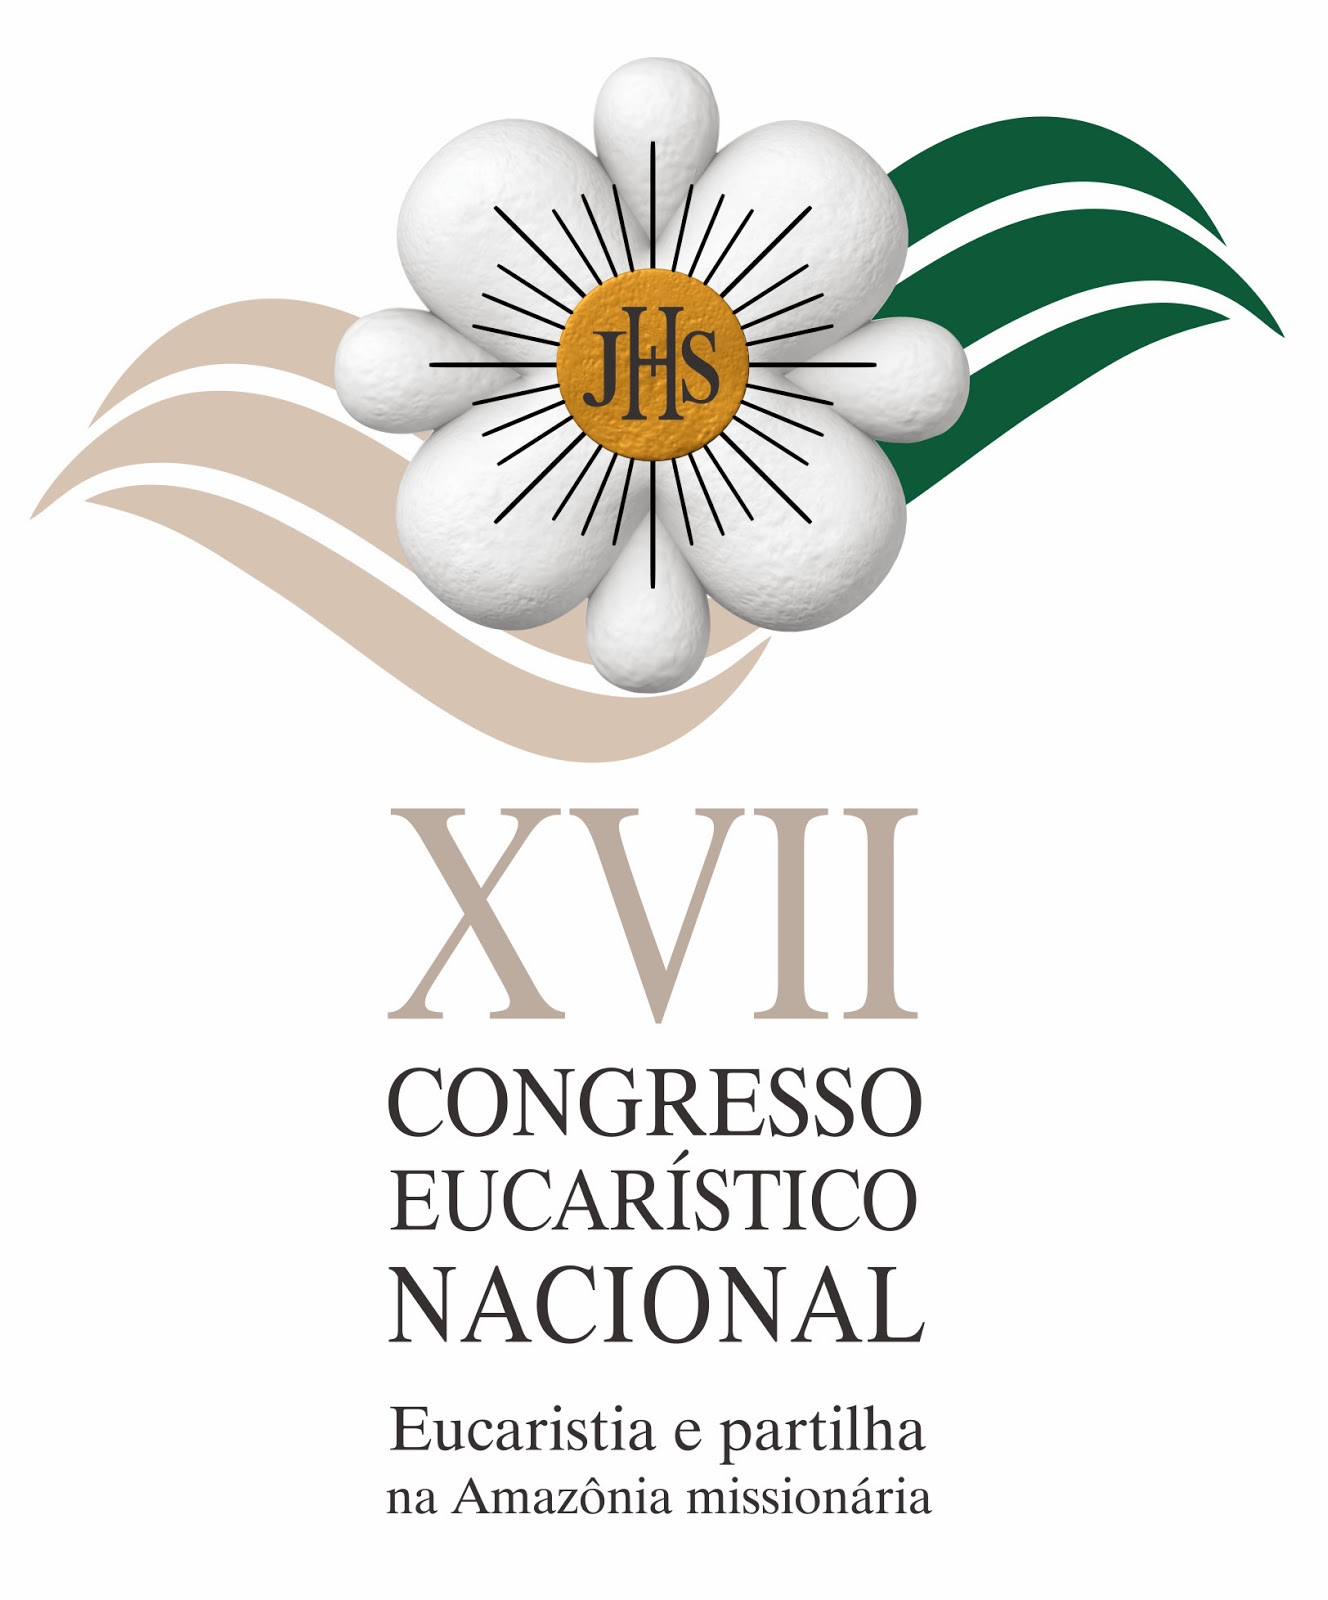 Logotipo do Congresso Eucarístico Nacional 2016 / Foto: Divulgação site oficial